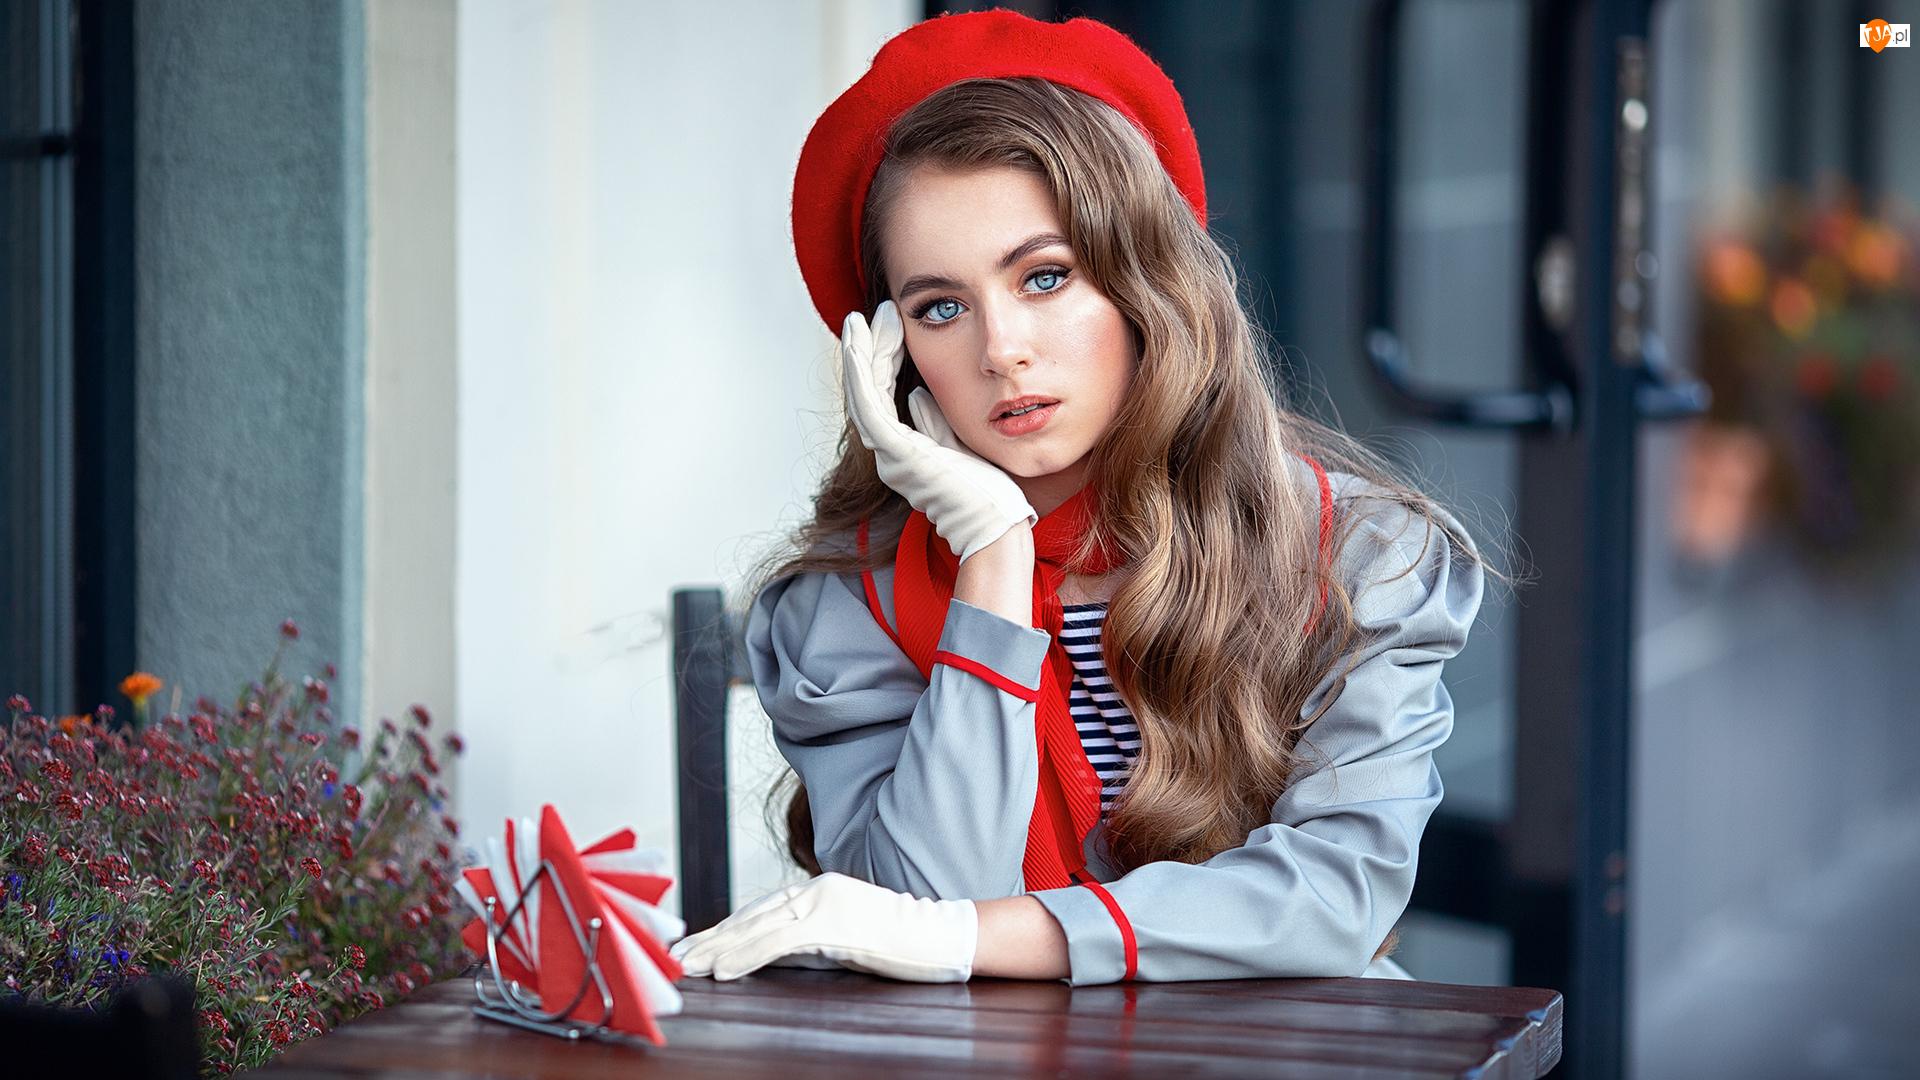 Beret, Dziewczyna, Szatynka, Czerwony